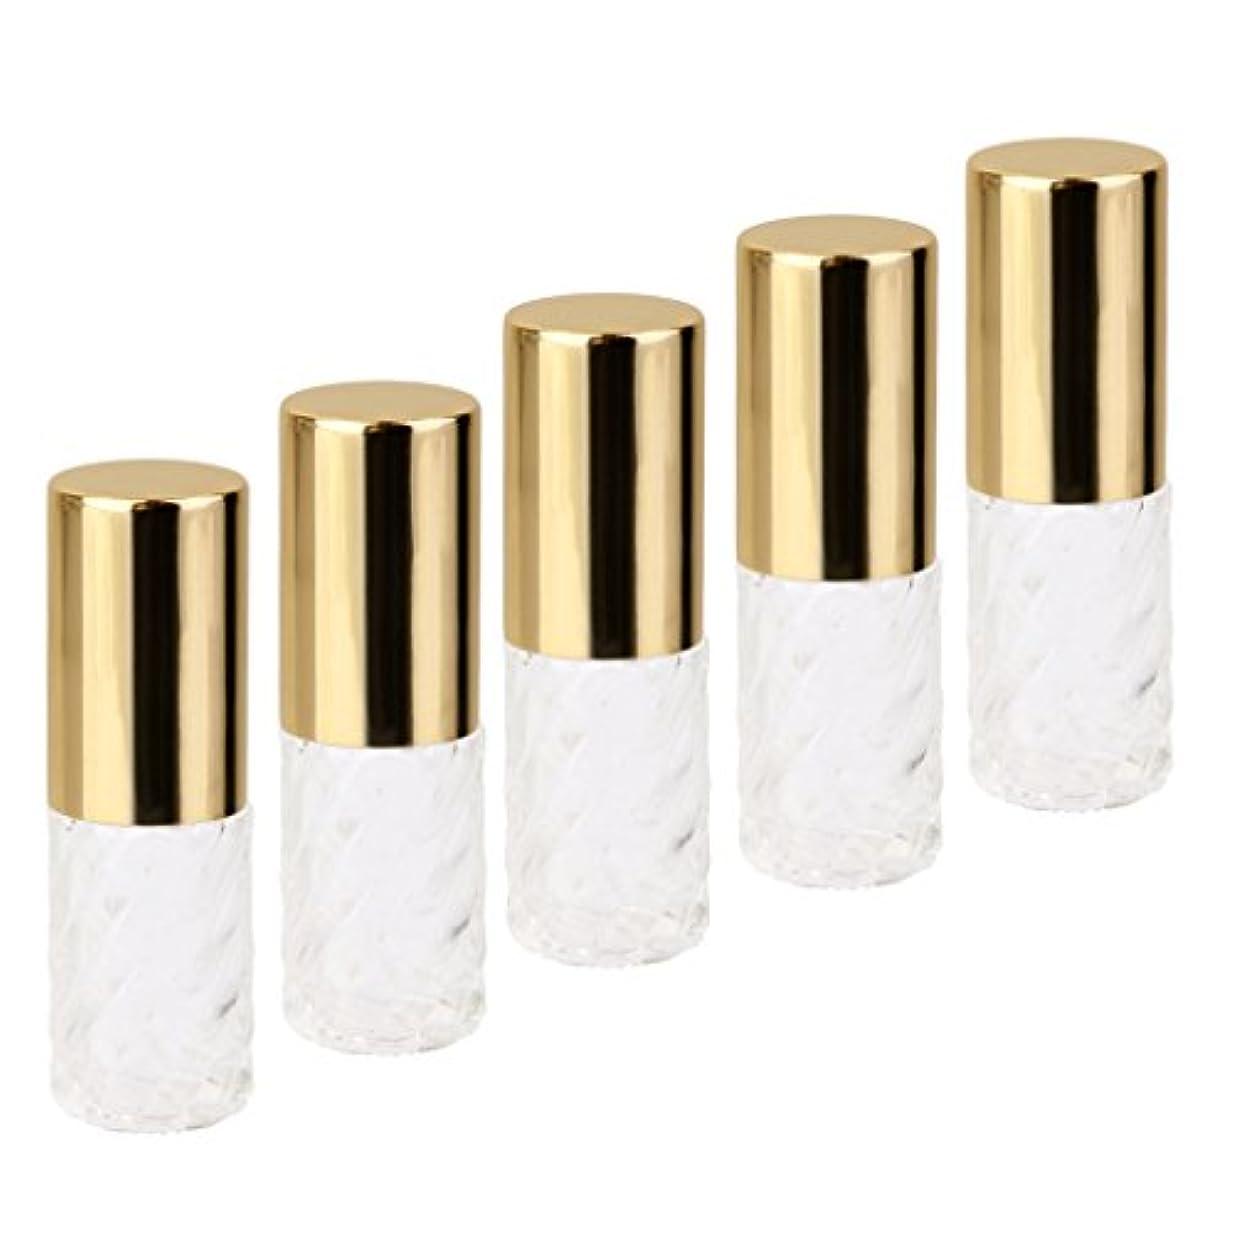 クロニクルタイト決めます【ノーブランド 品】クリニーク 透明 交換 旅行 空 ロールオン ガラス 香水瓶 容器 男性 女性 5ml